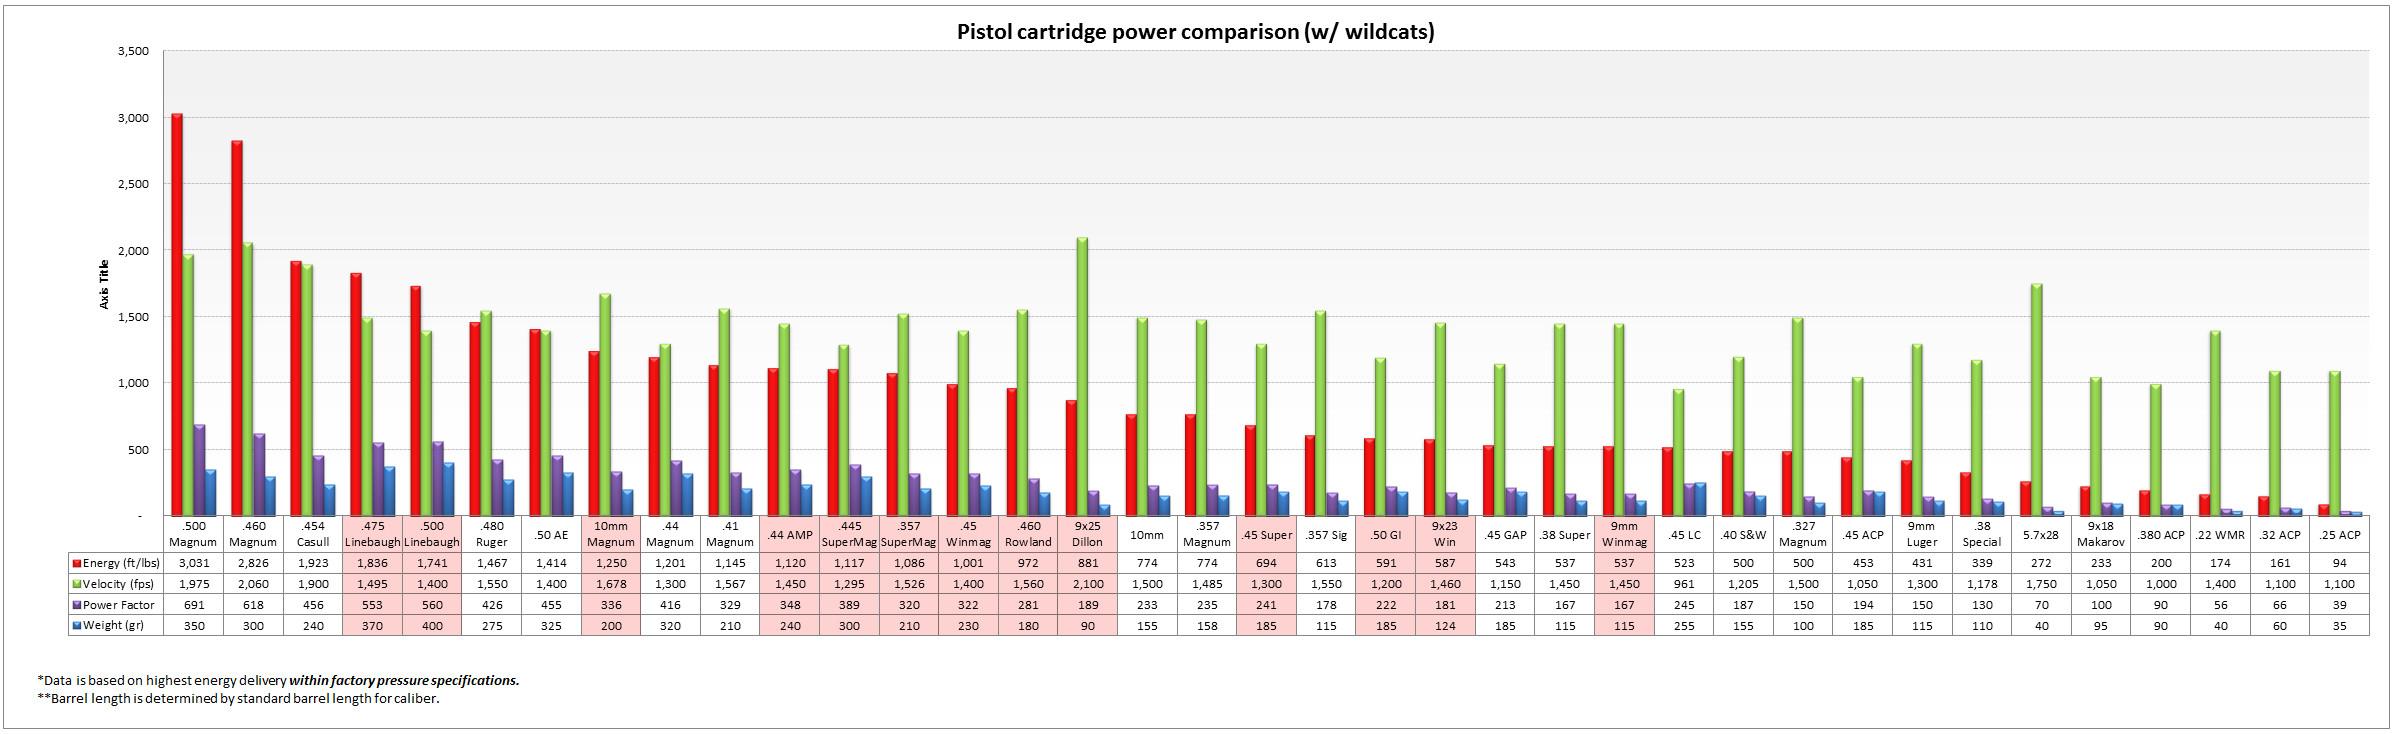 pistol cartridge power comparison archive dfw mustangs